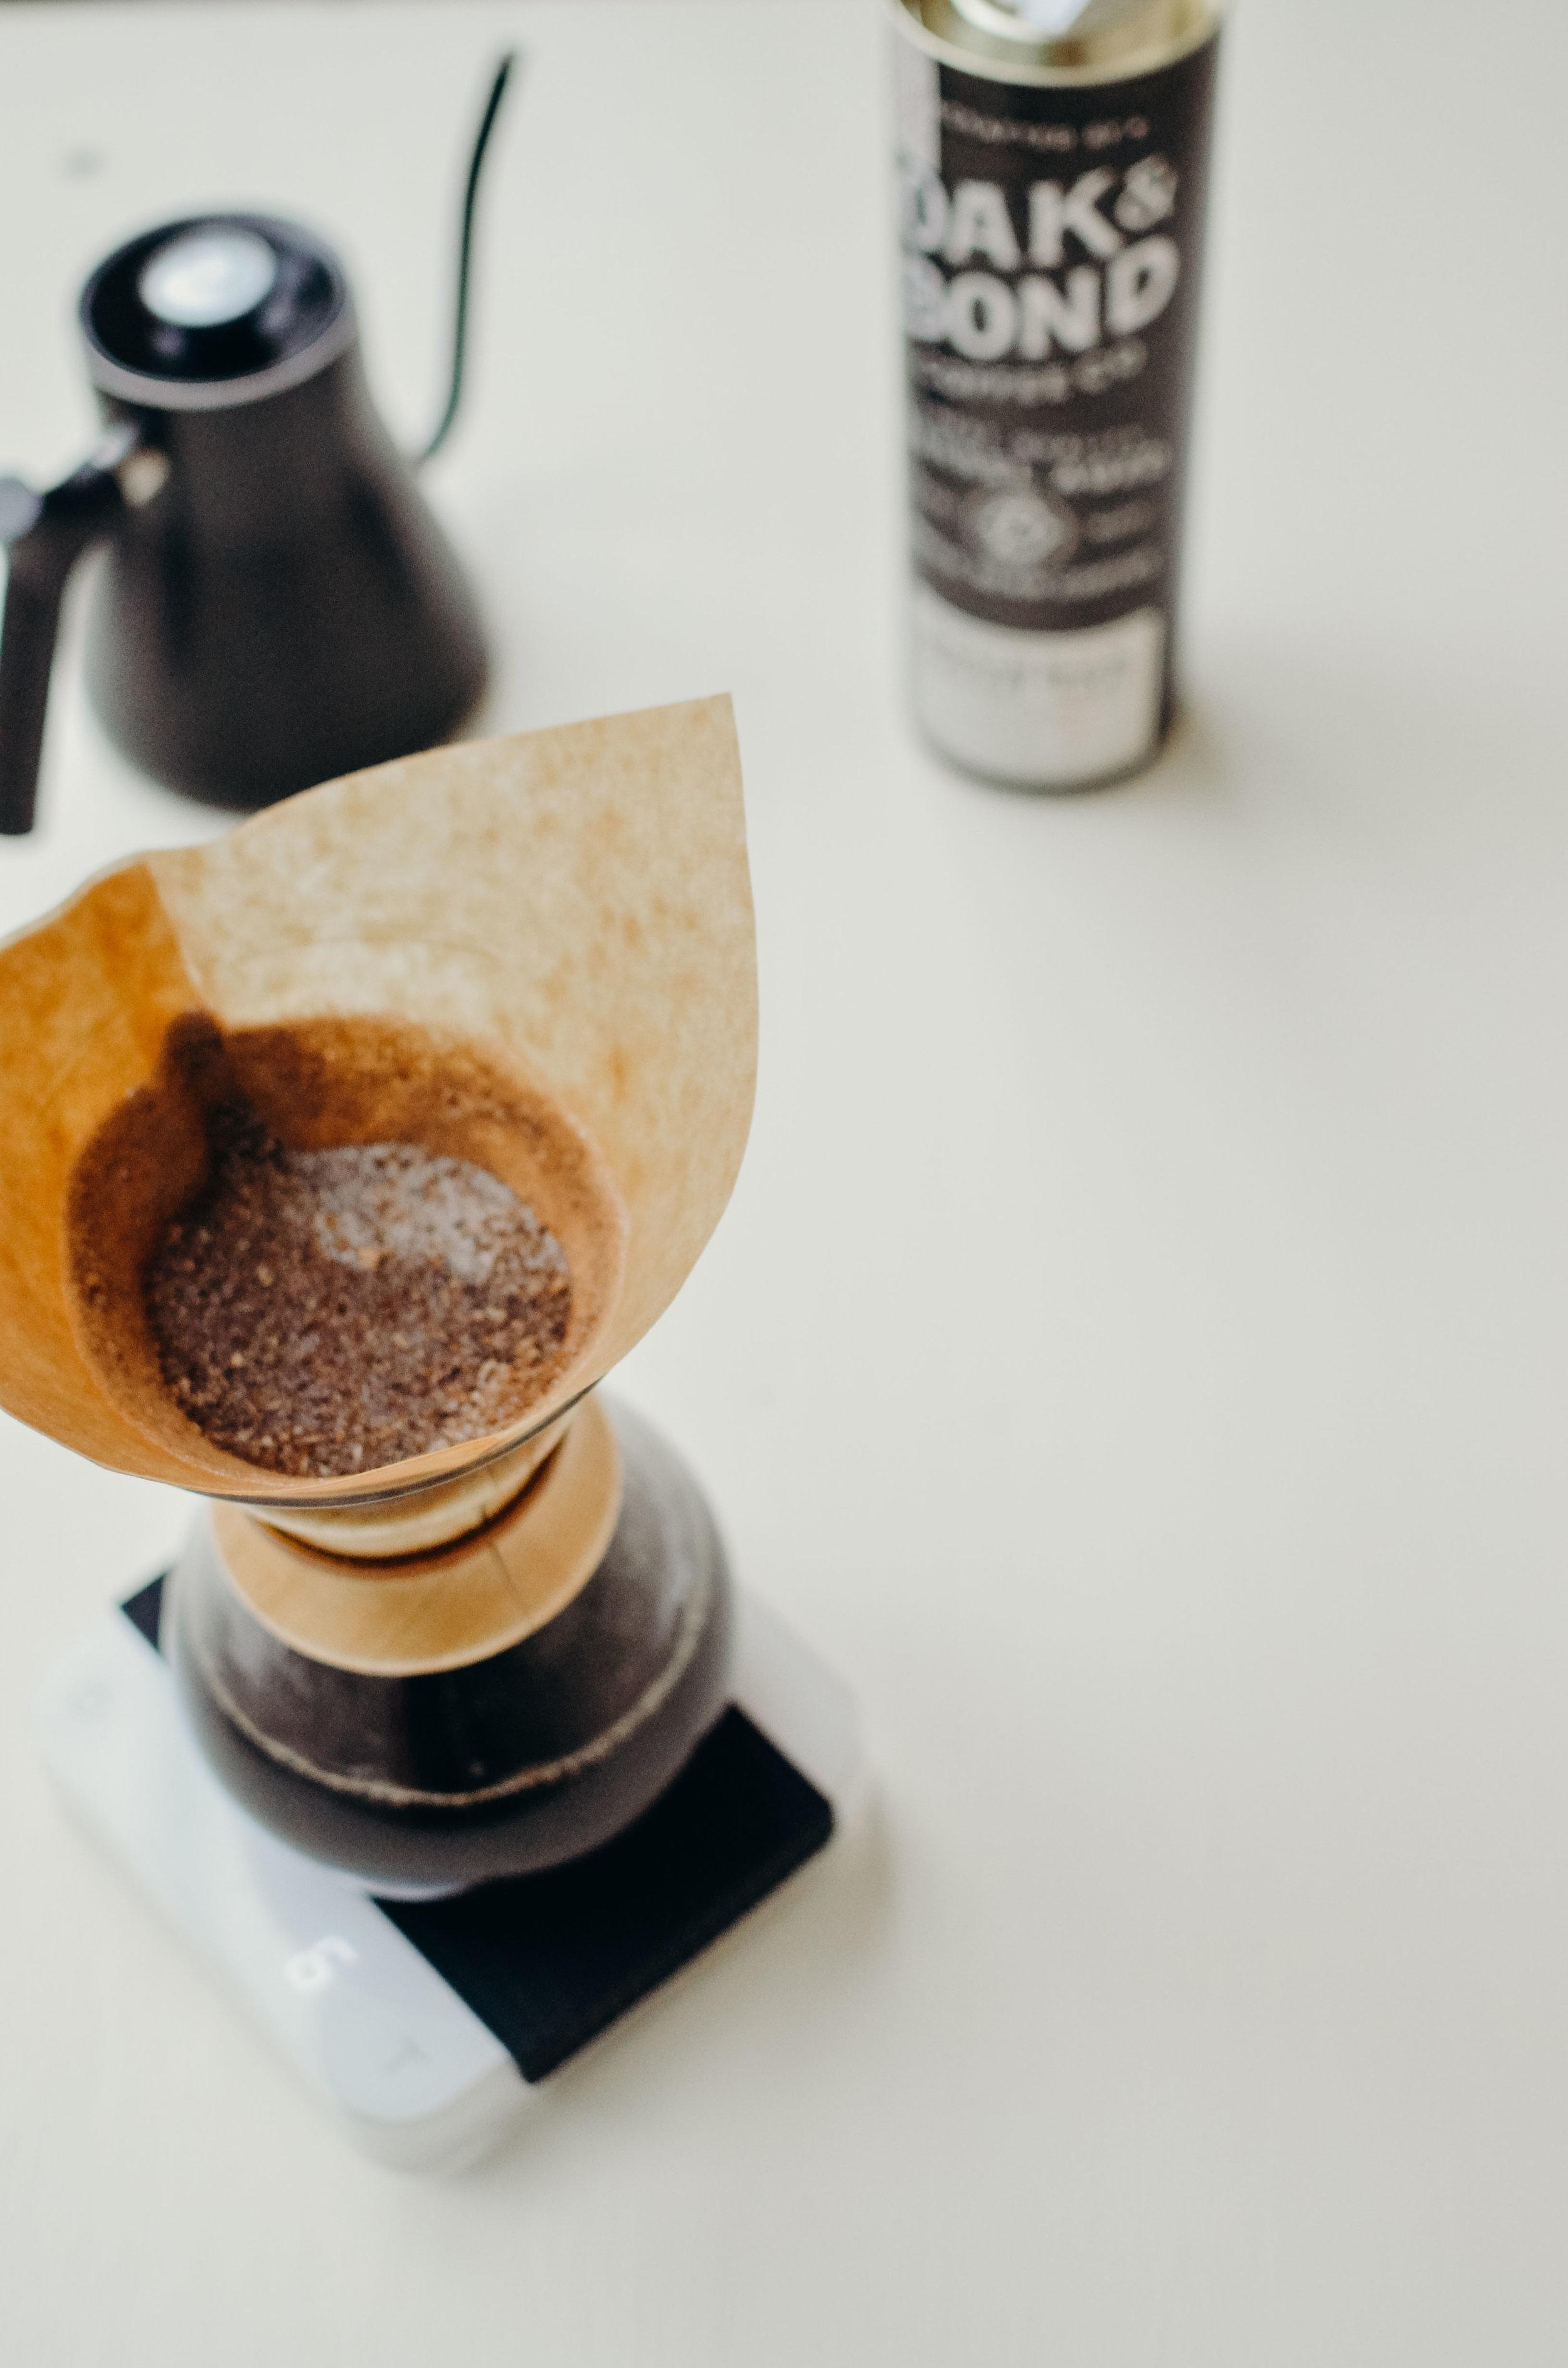 Wendling_Boyd_Oak_Bond_Coffee.jpg